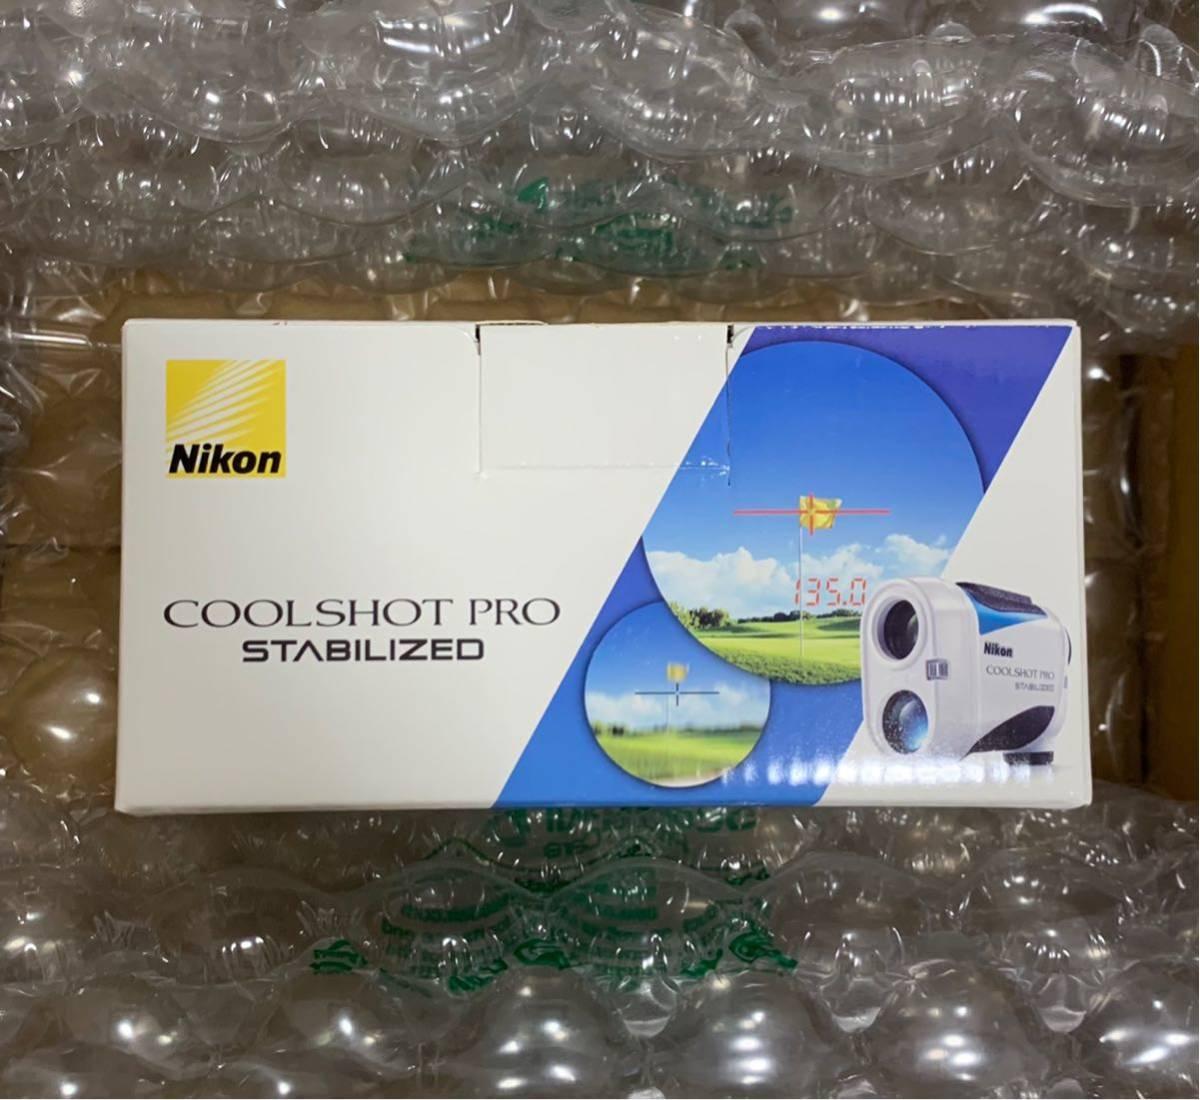 新品 未開封 Nikon COOLSHOT PRO STABILIZED 携帯型 レーザー 距離計 クールショット ニコン ゴルフ_画像2